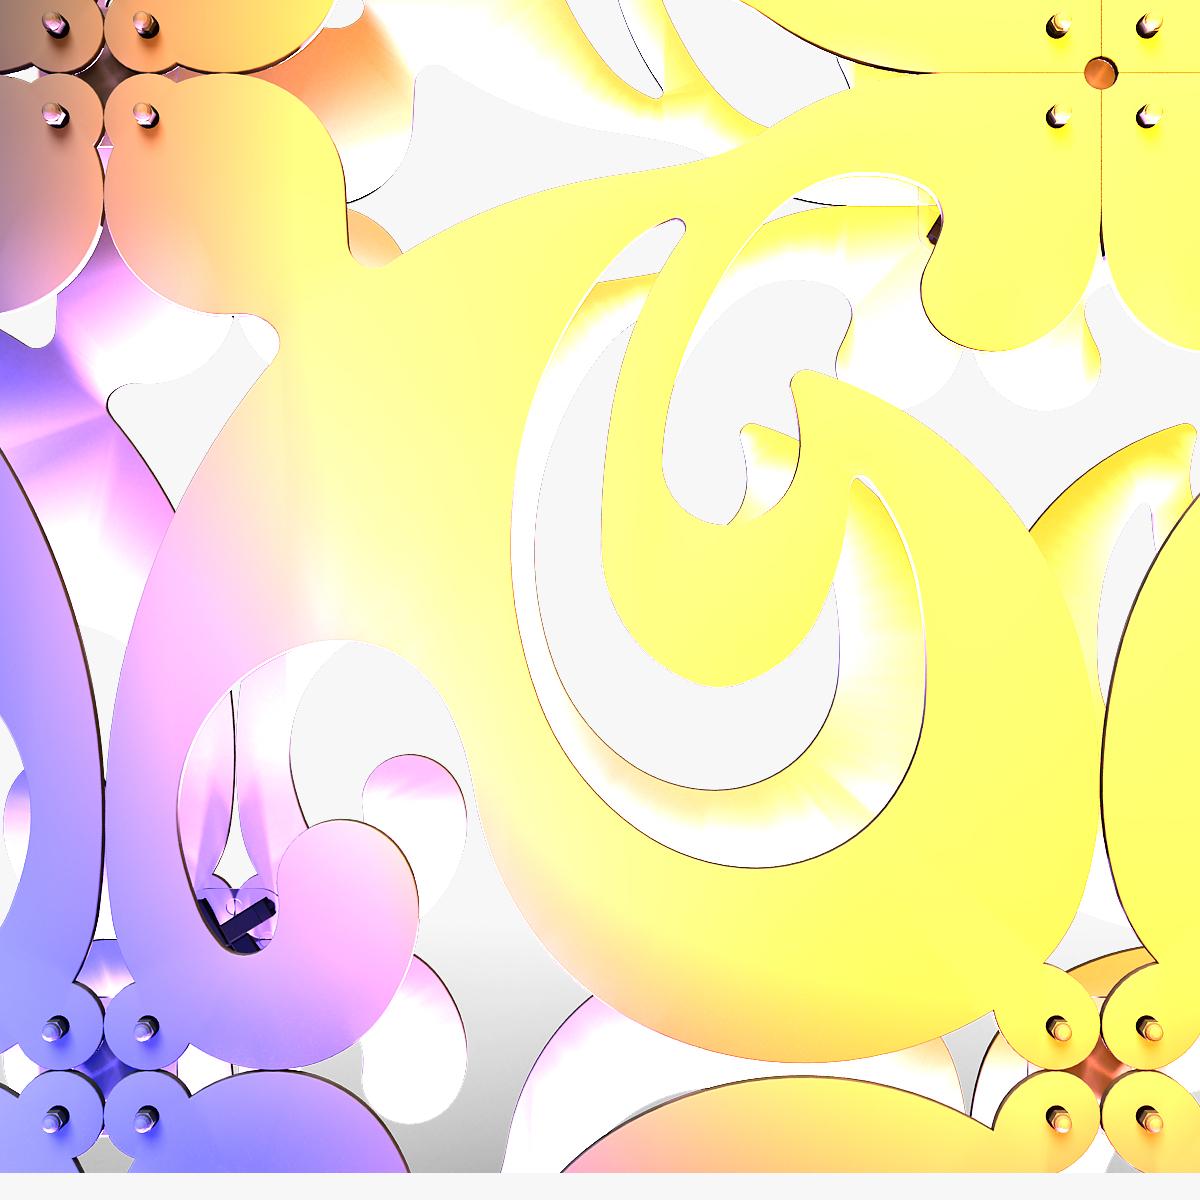 70-08-07-1200x1200.jpg Télécharger fichier STL Collection de décors de scène 01 (Modulaire 9 pièces) • Design pour imprimante 3D, akerStudio